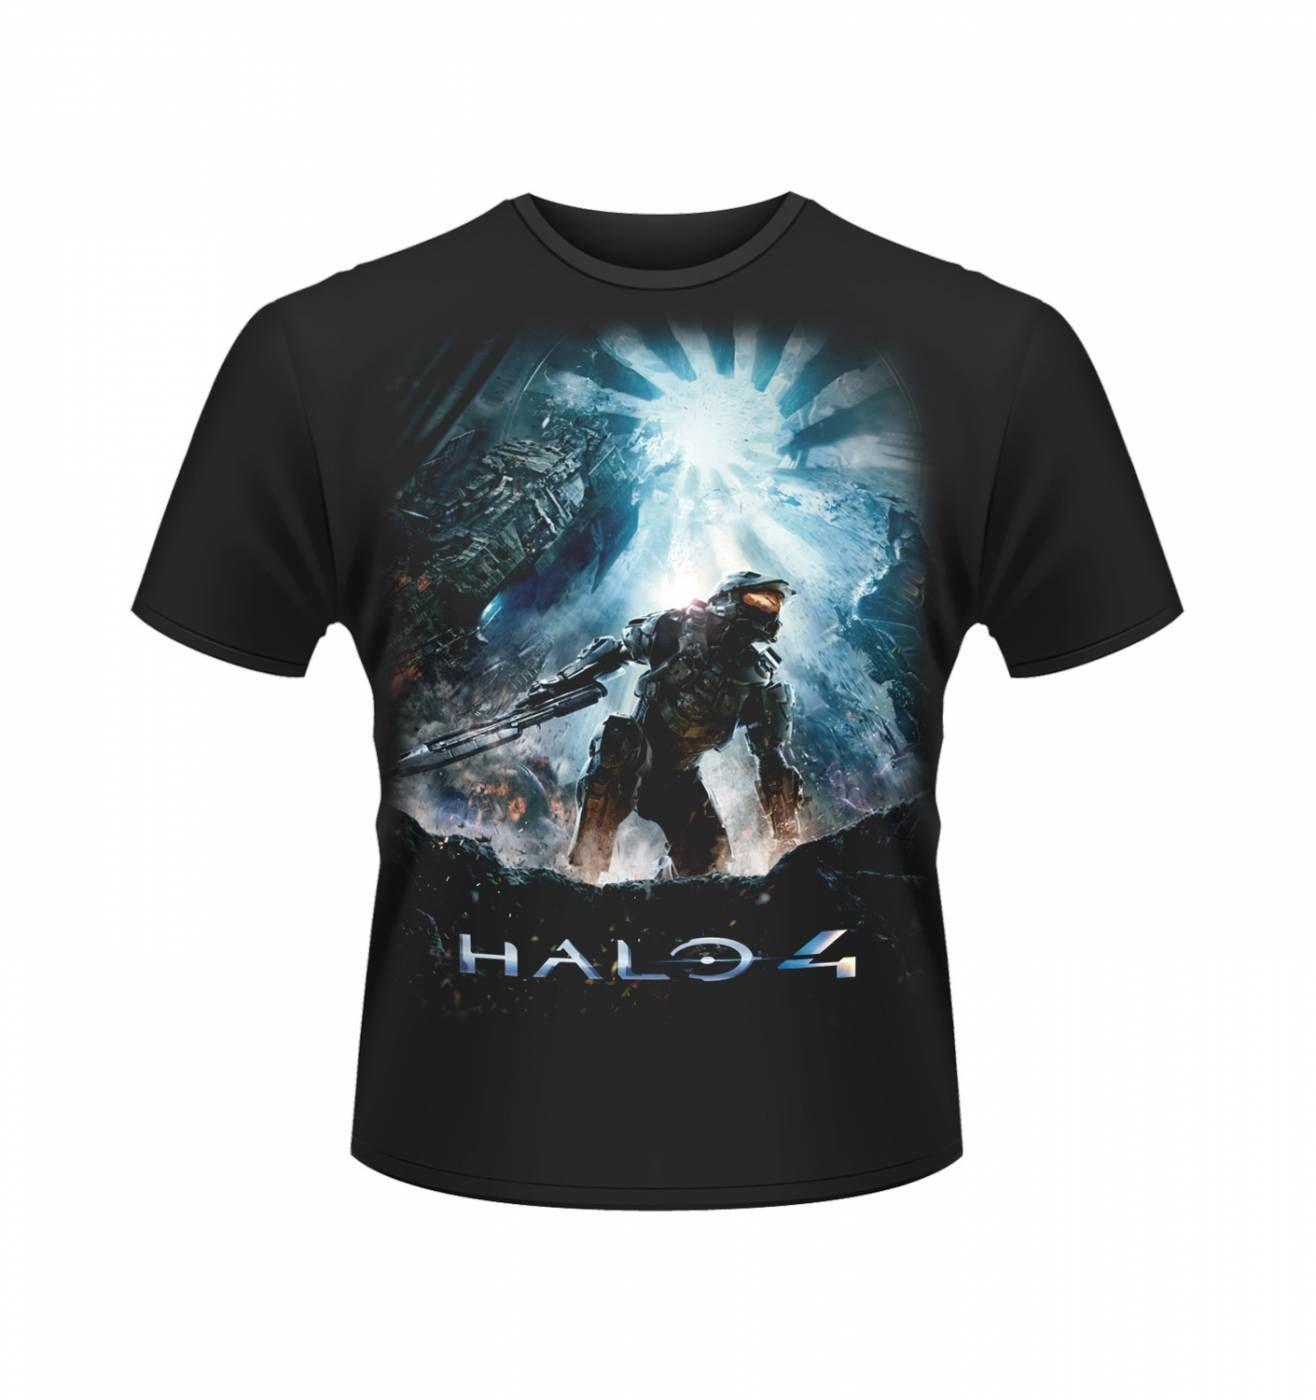 OFFICIAL Halo 4 Saviour t-shirt